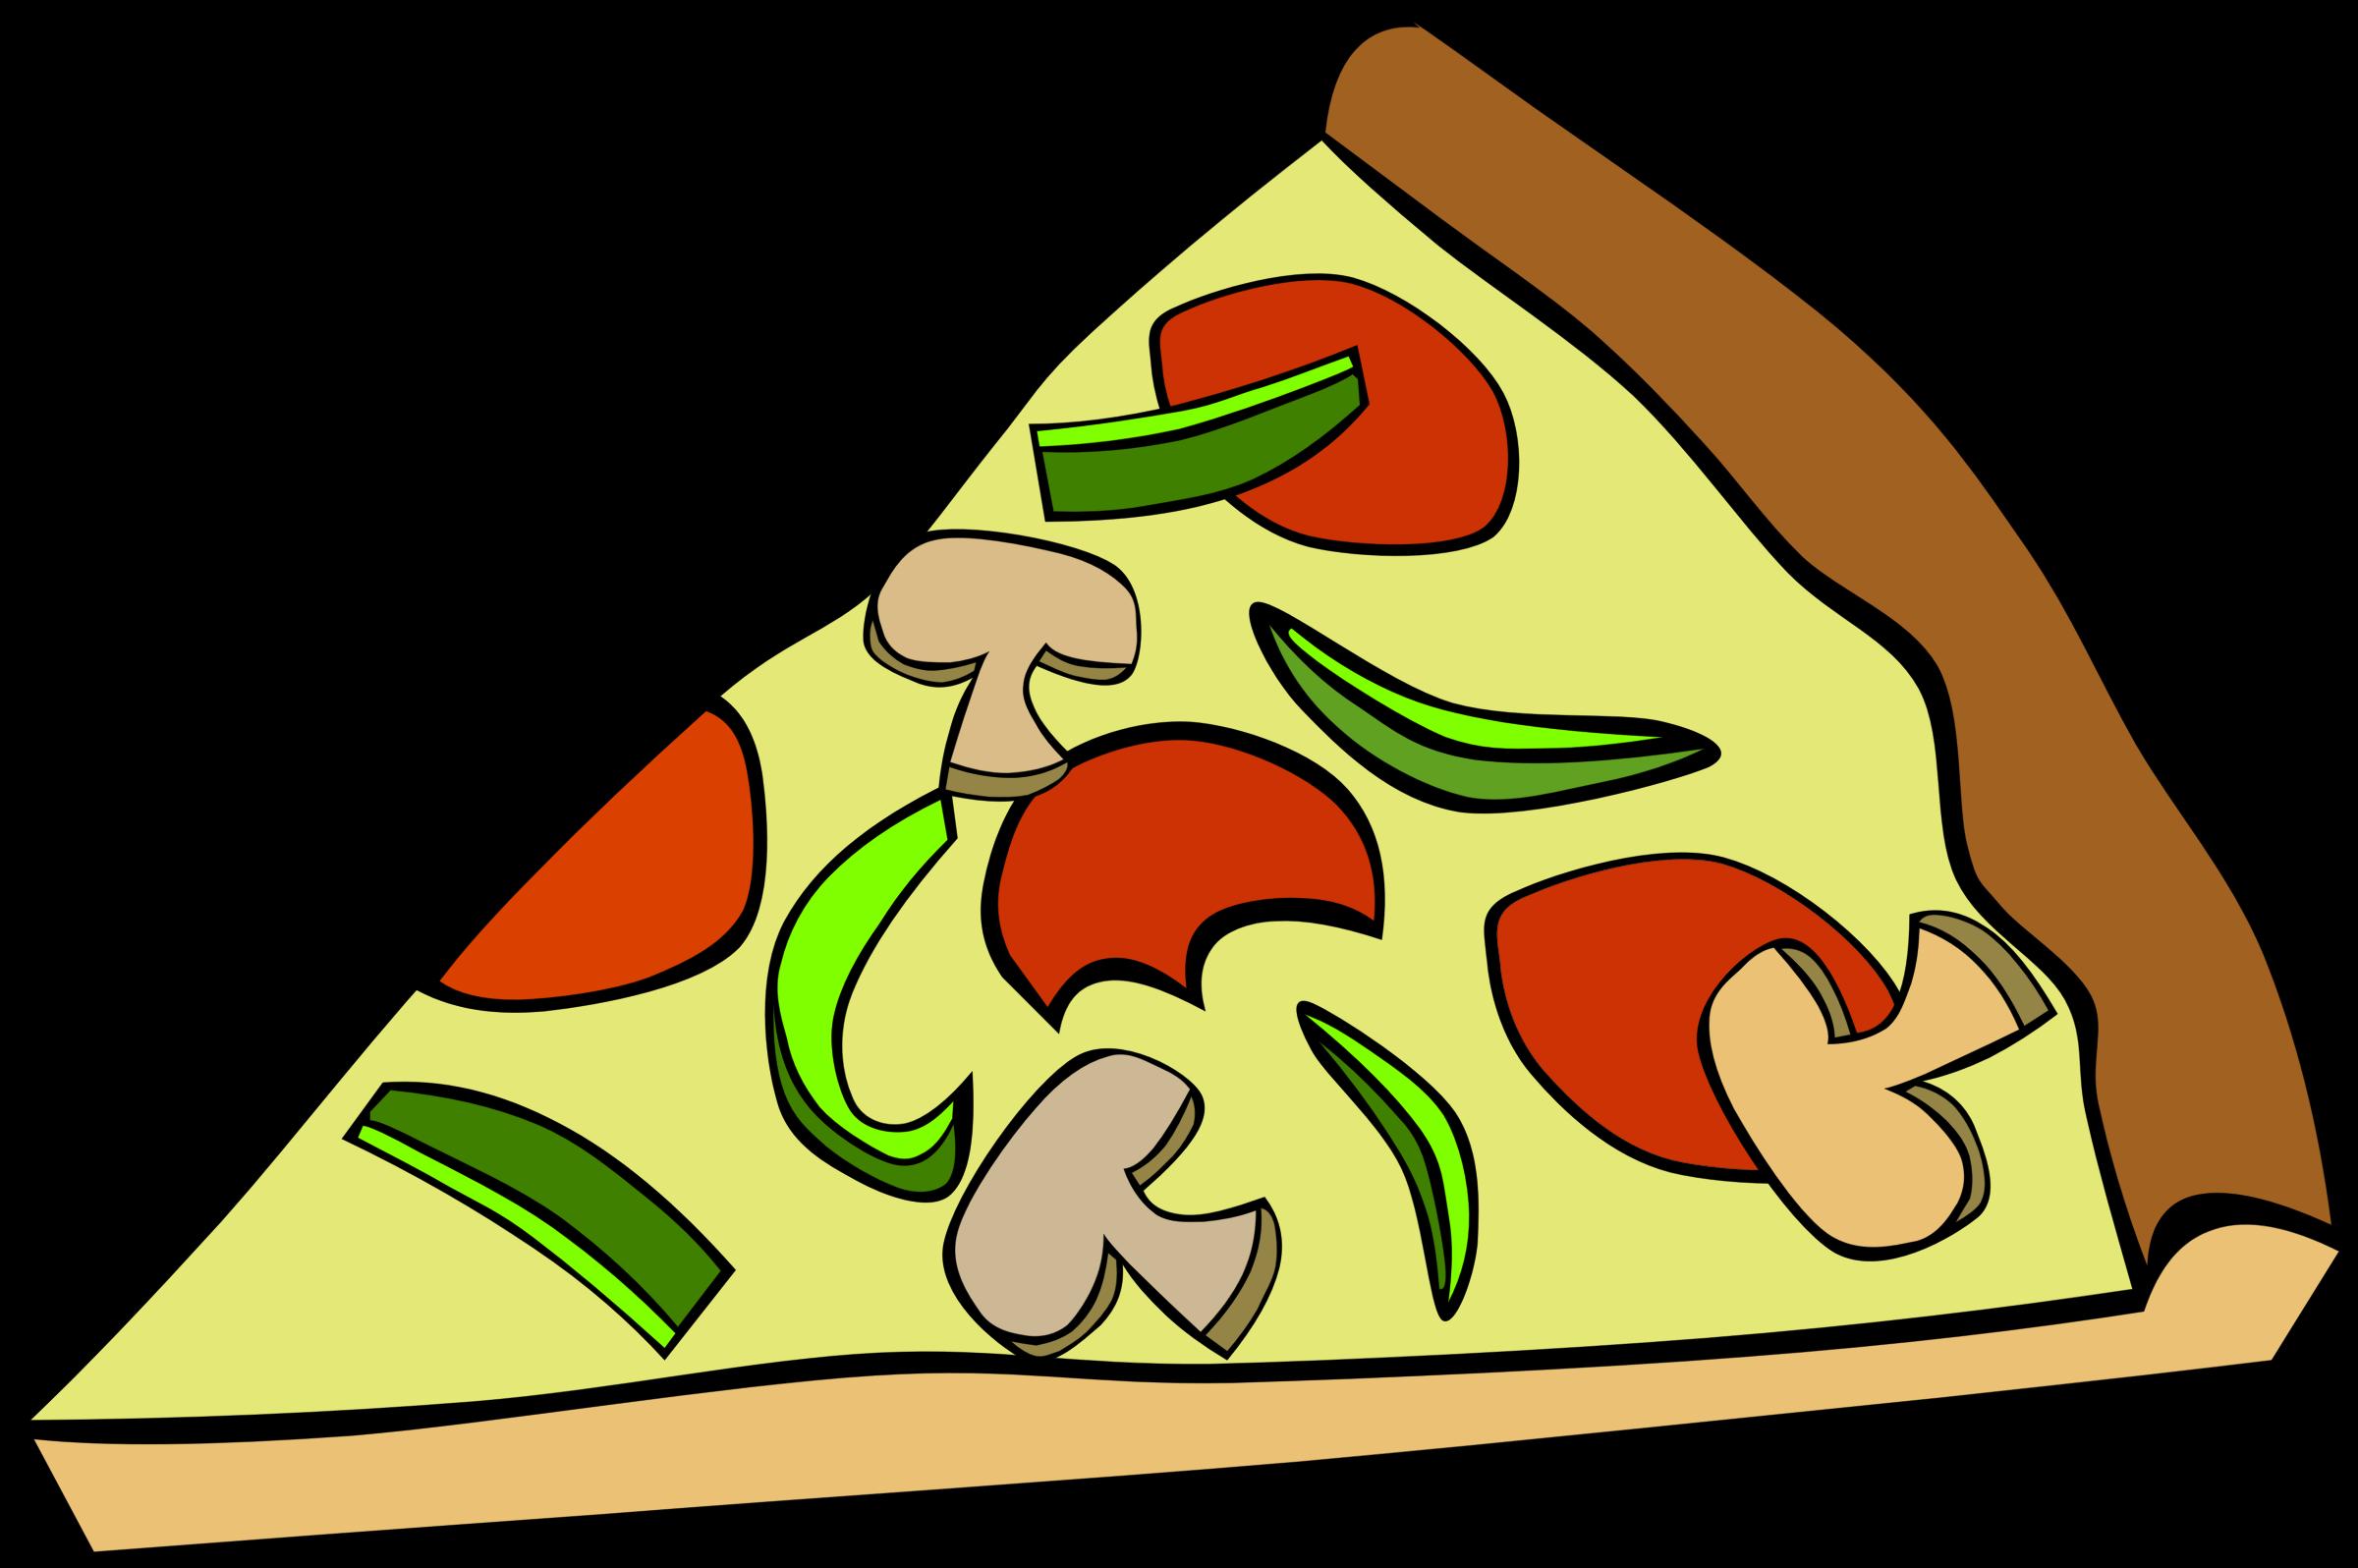 Pizza clipart junk food Fast Mushroom Pepperoni Fast Snack